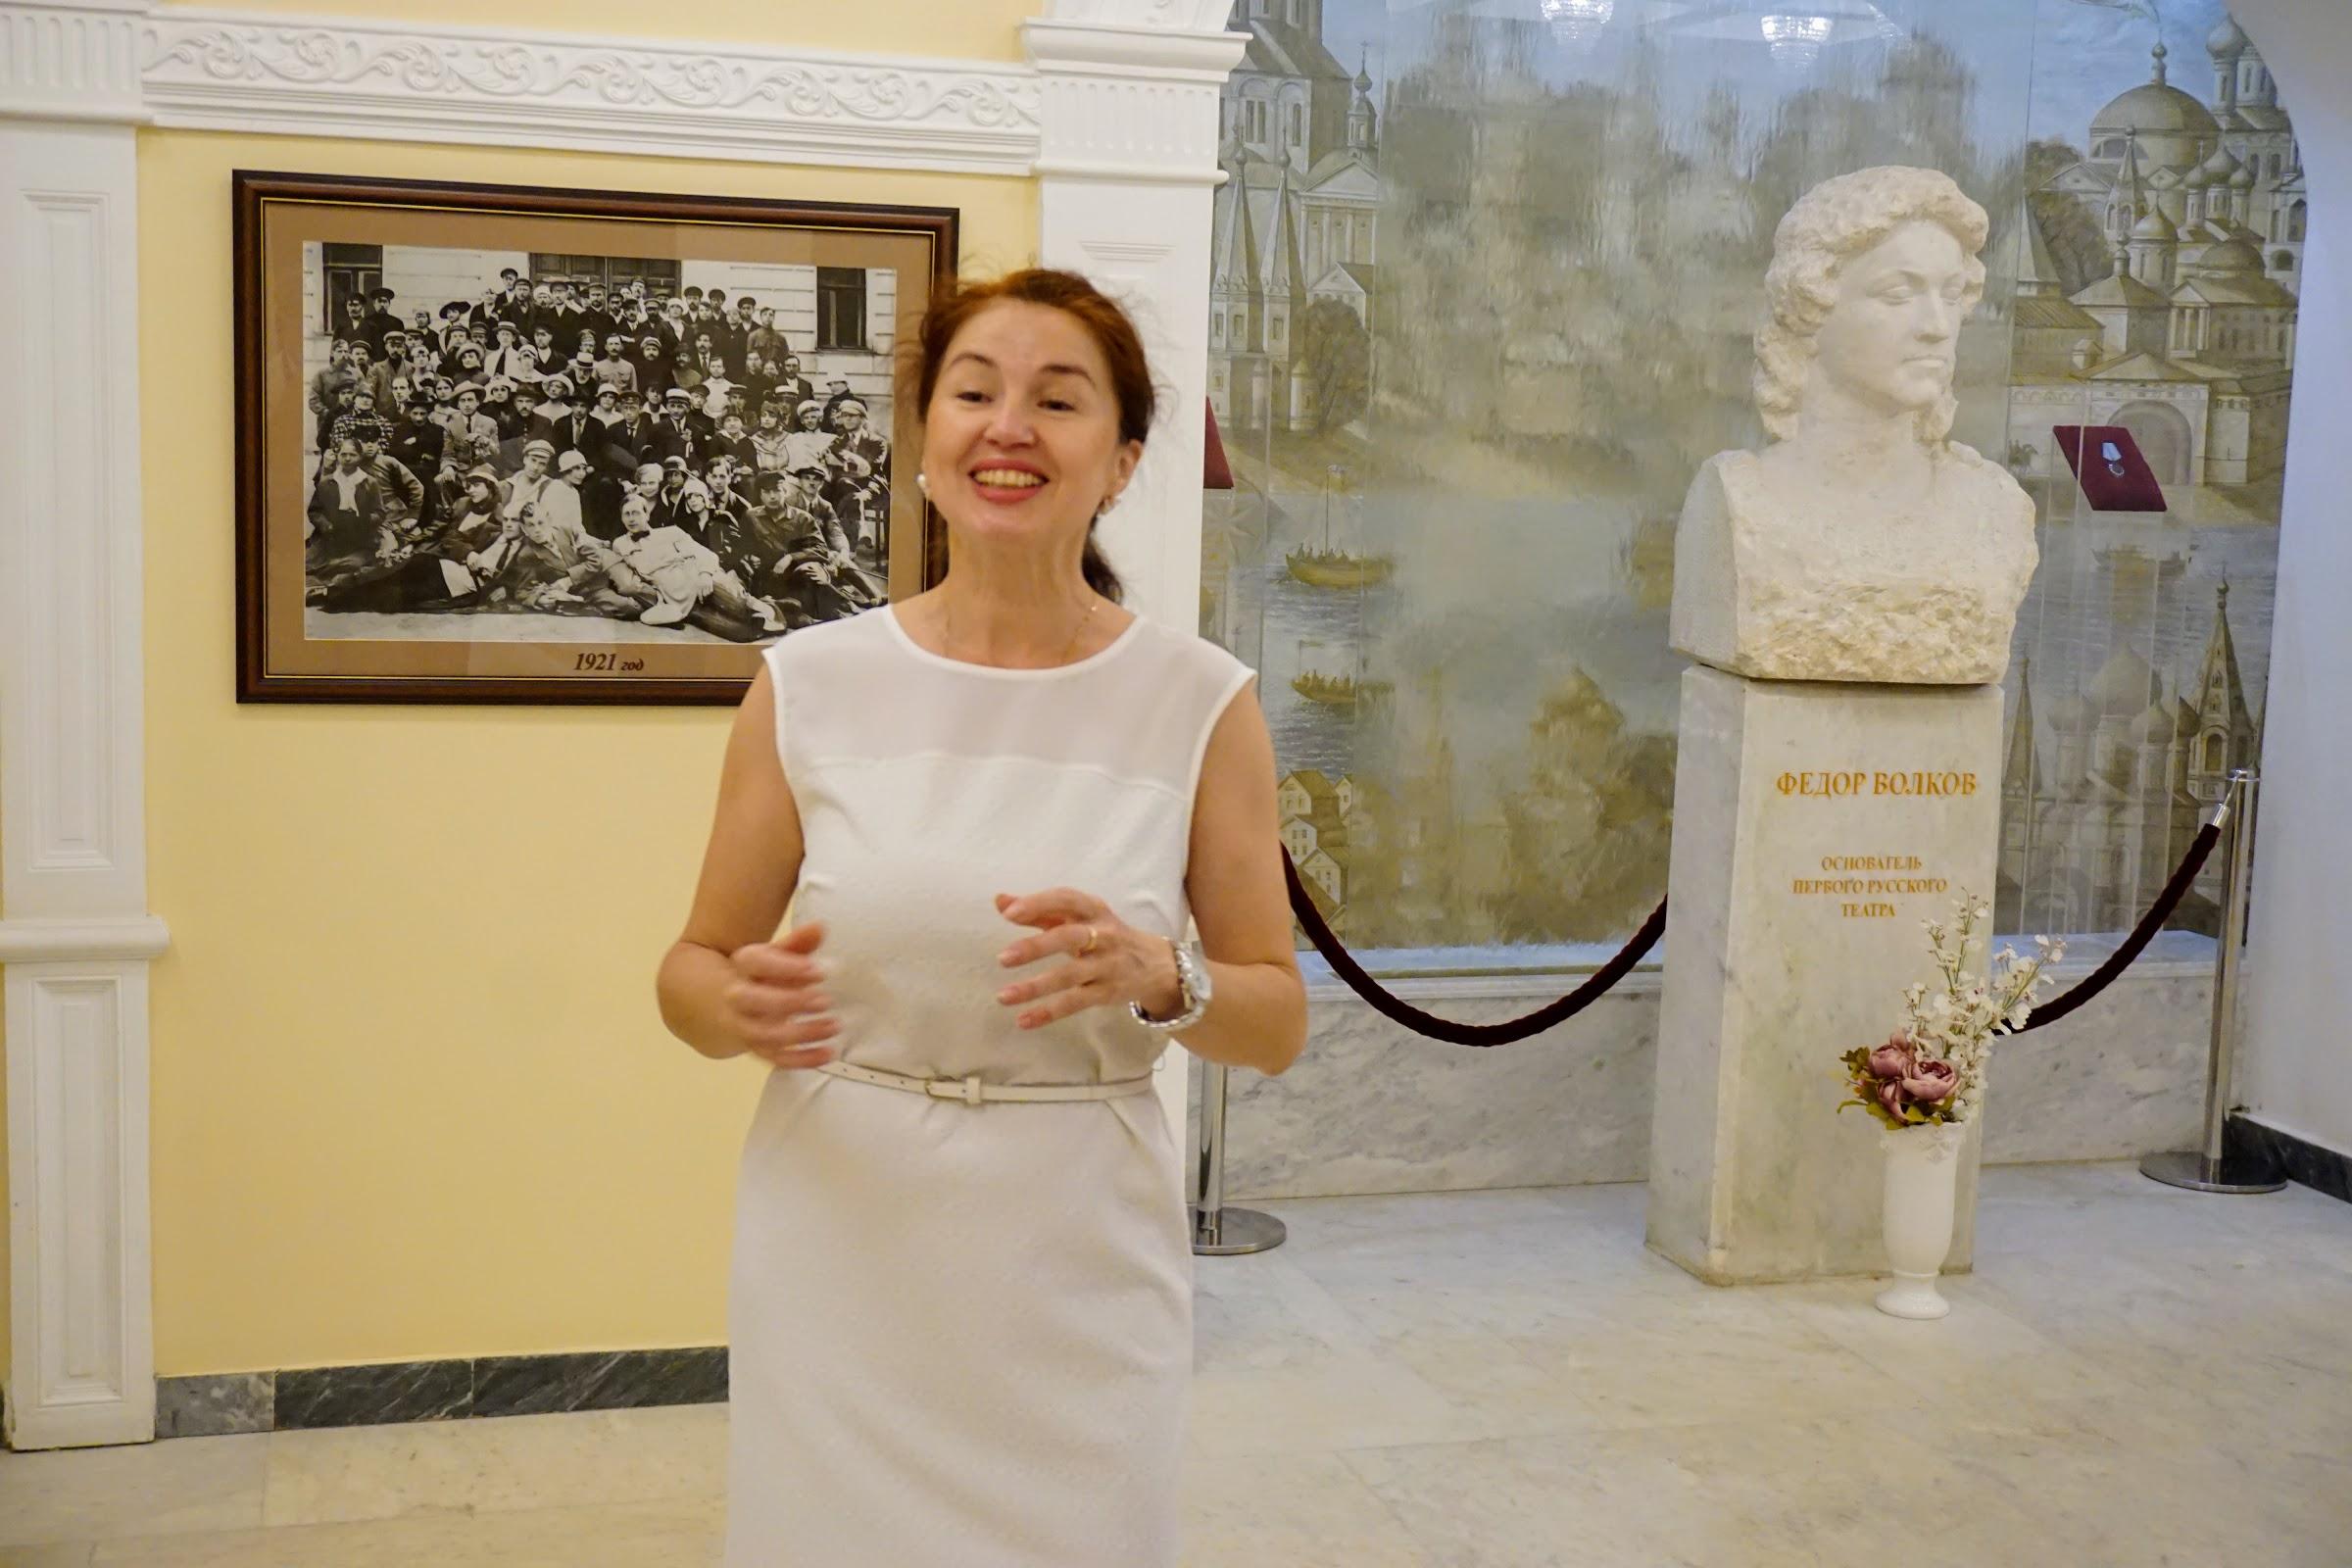 Российский государственный академический театр драмы имени Федора Волкова в Ярославле